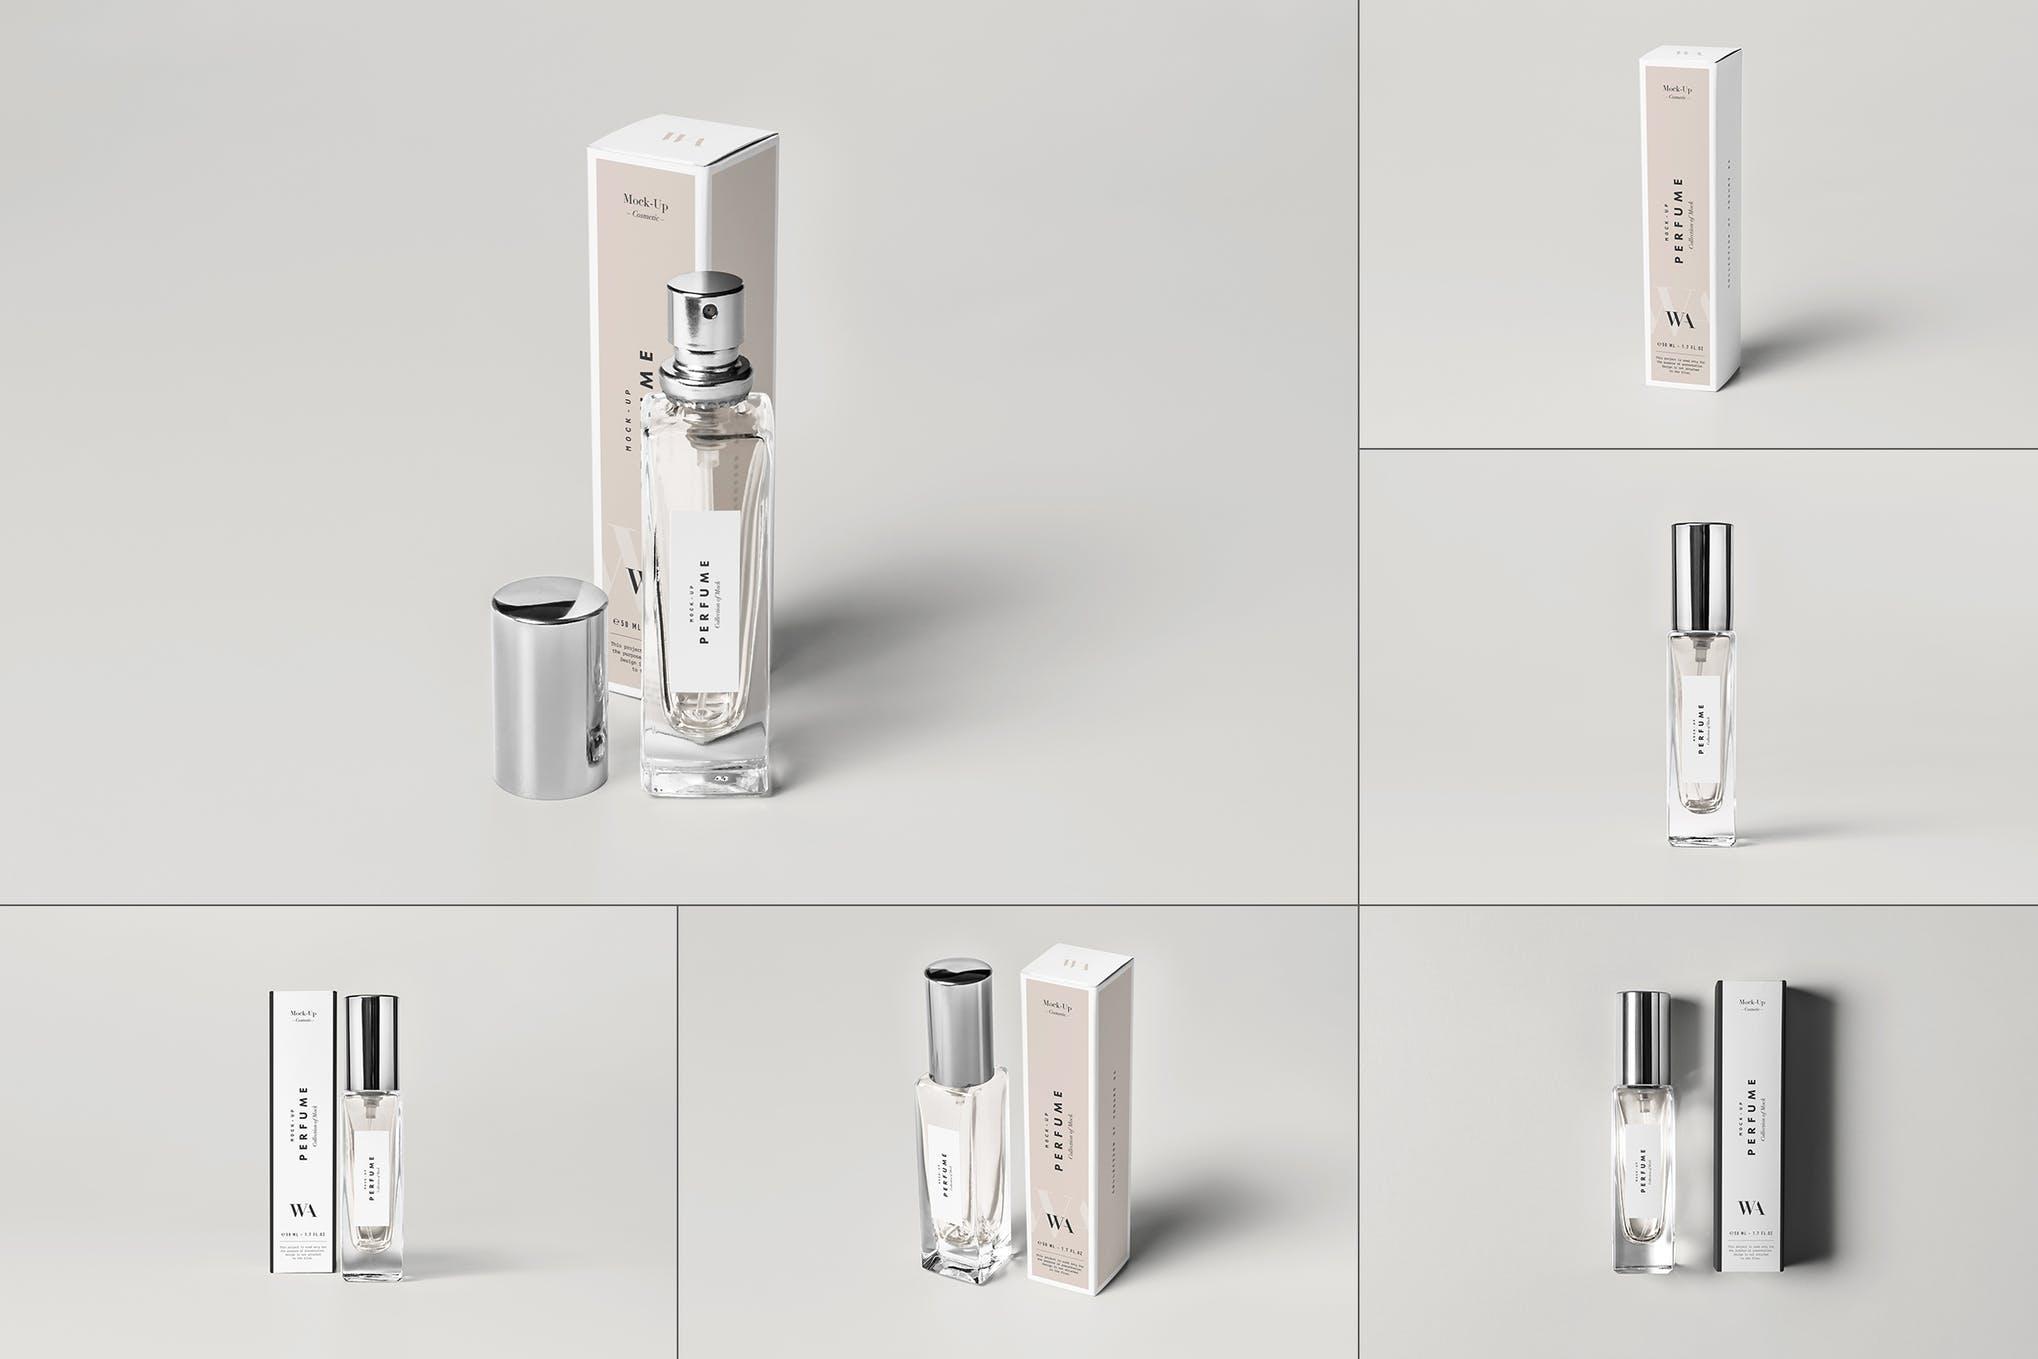 香水和包装盒样机效果图插图(1)